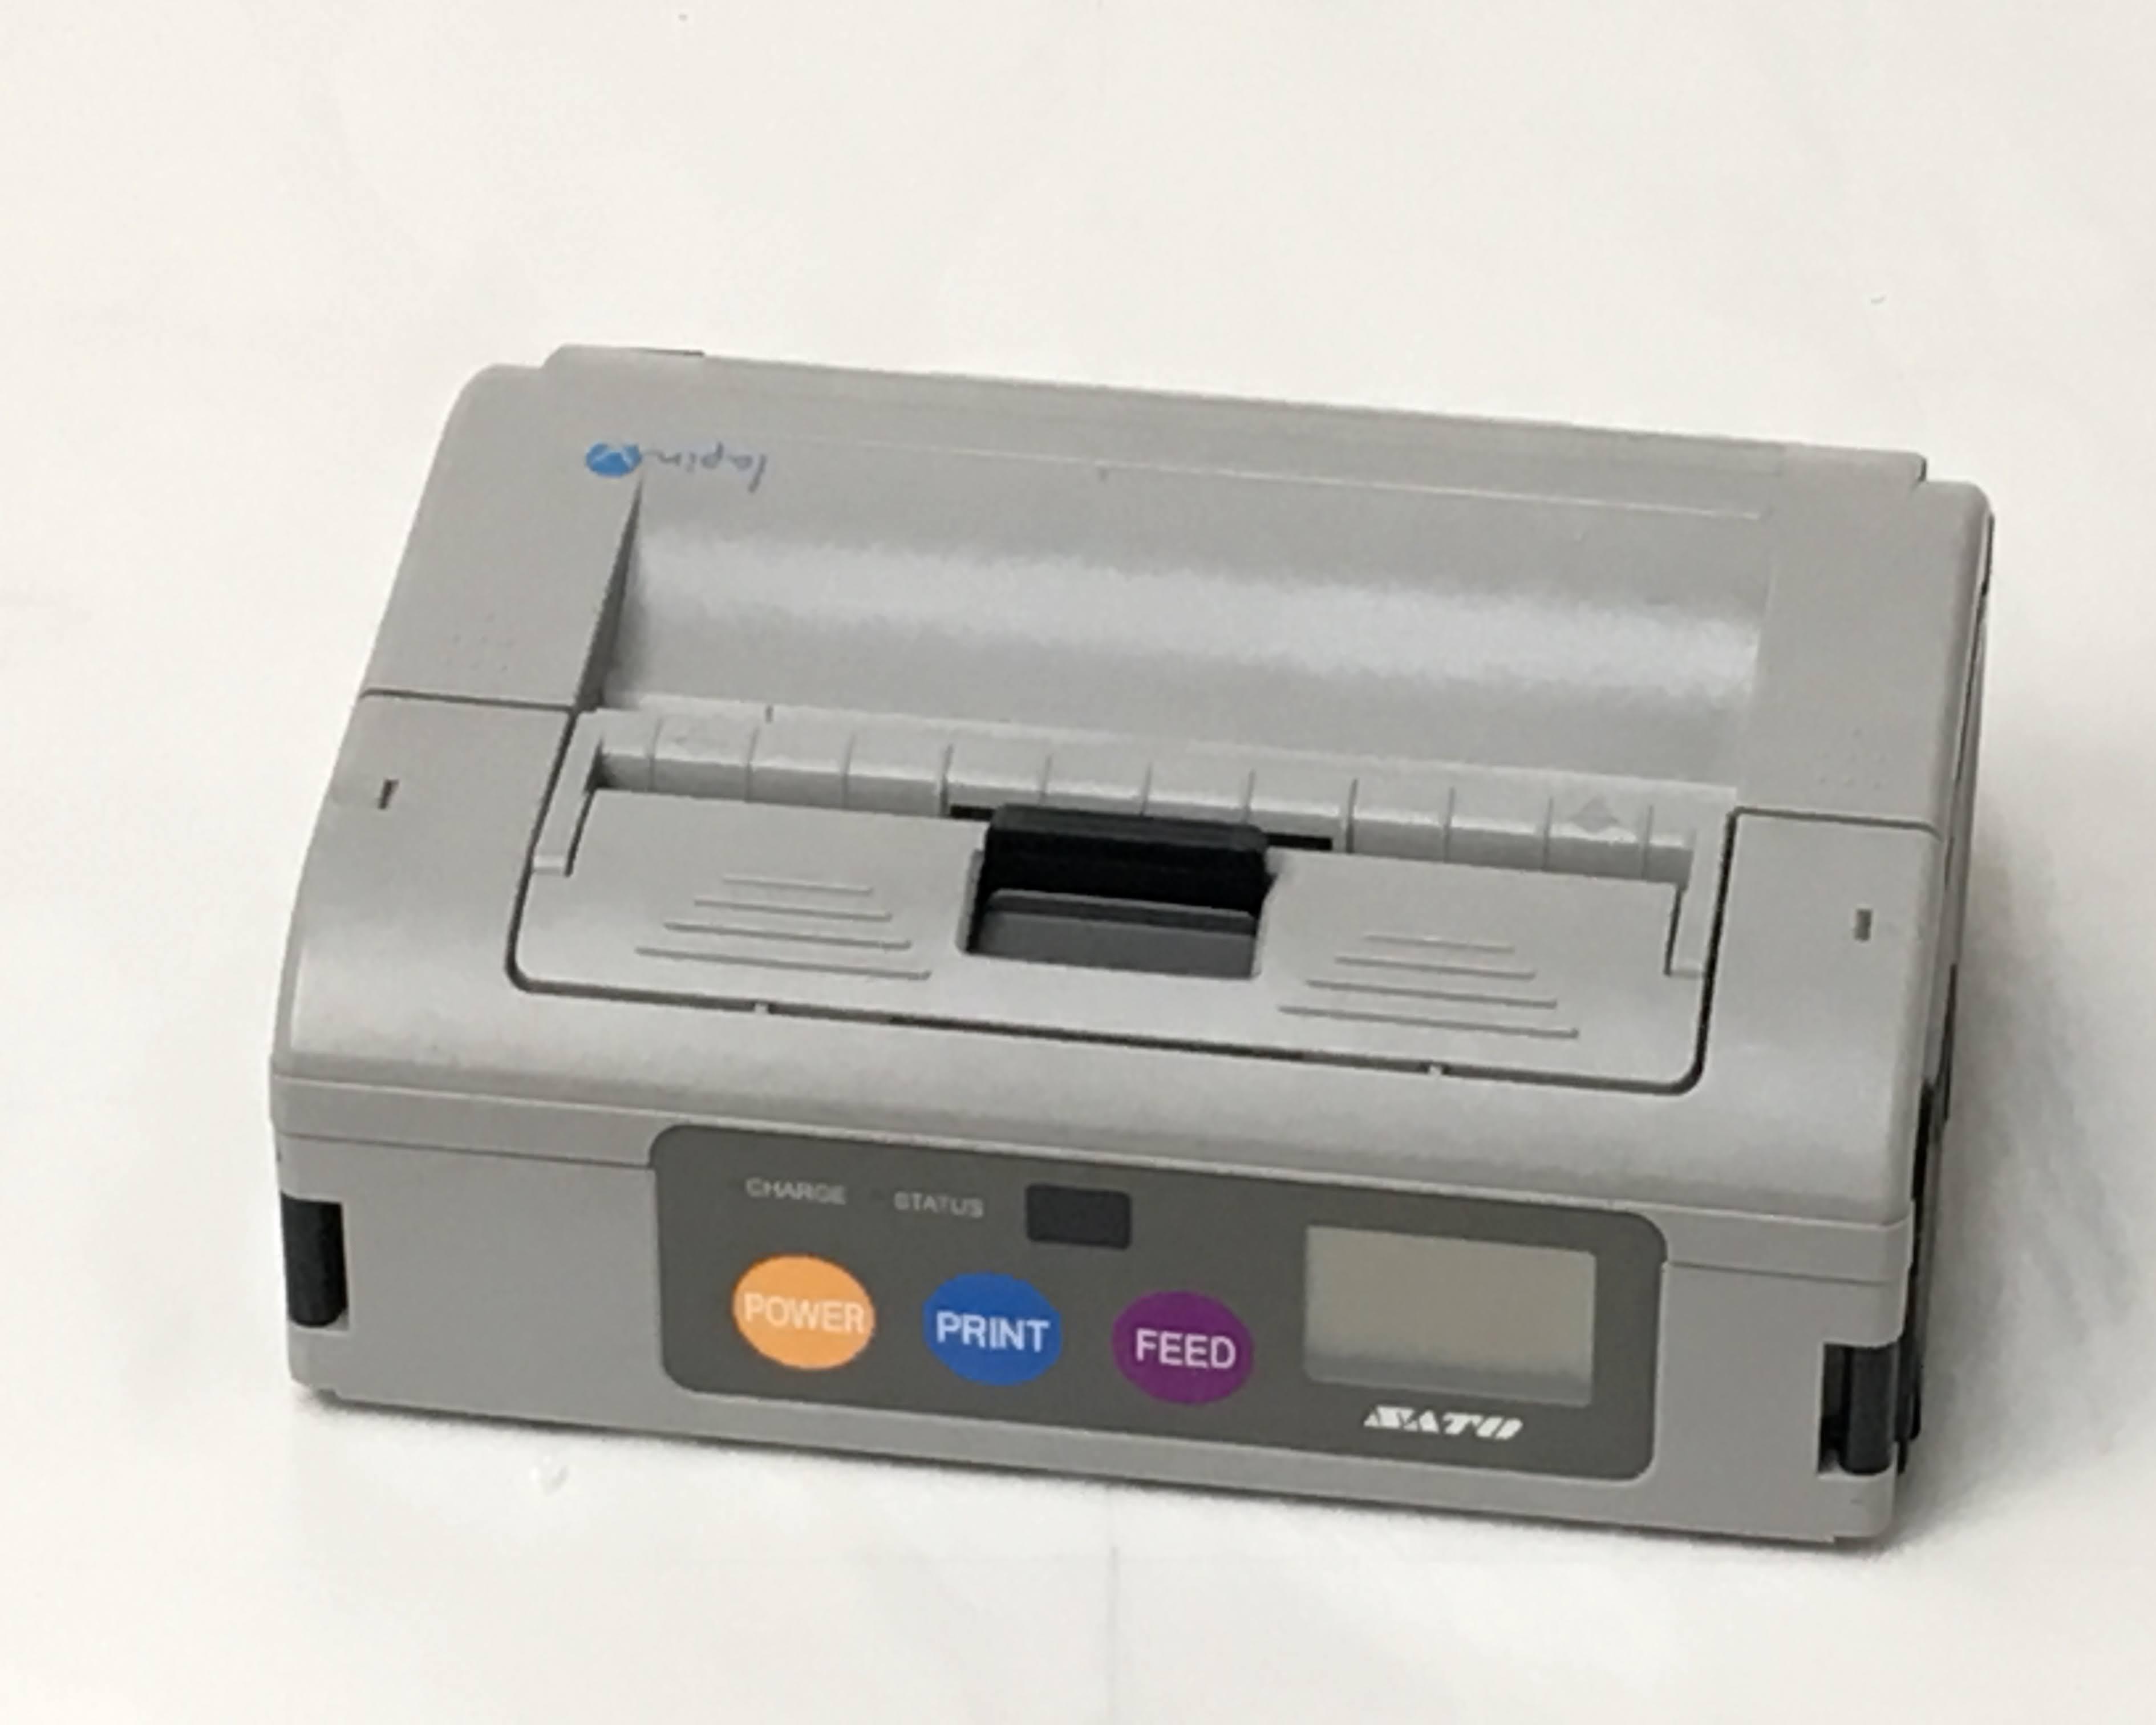 【優良中古】Lapin(ラパン) PT408e-W4(無線LAN) メイン画像